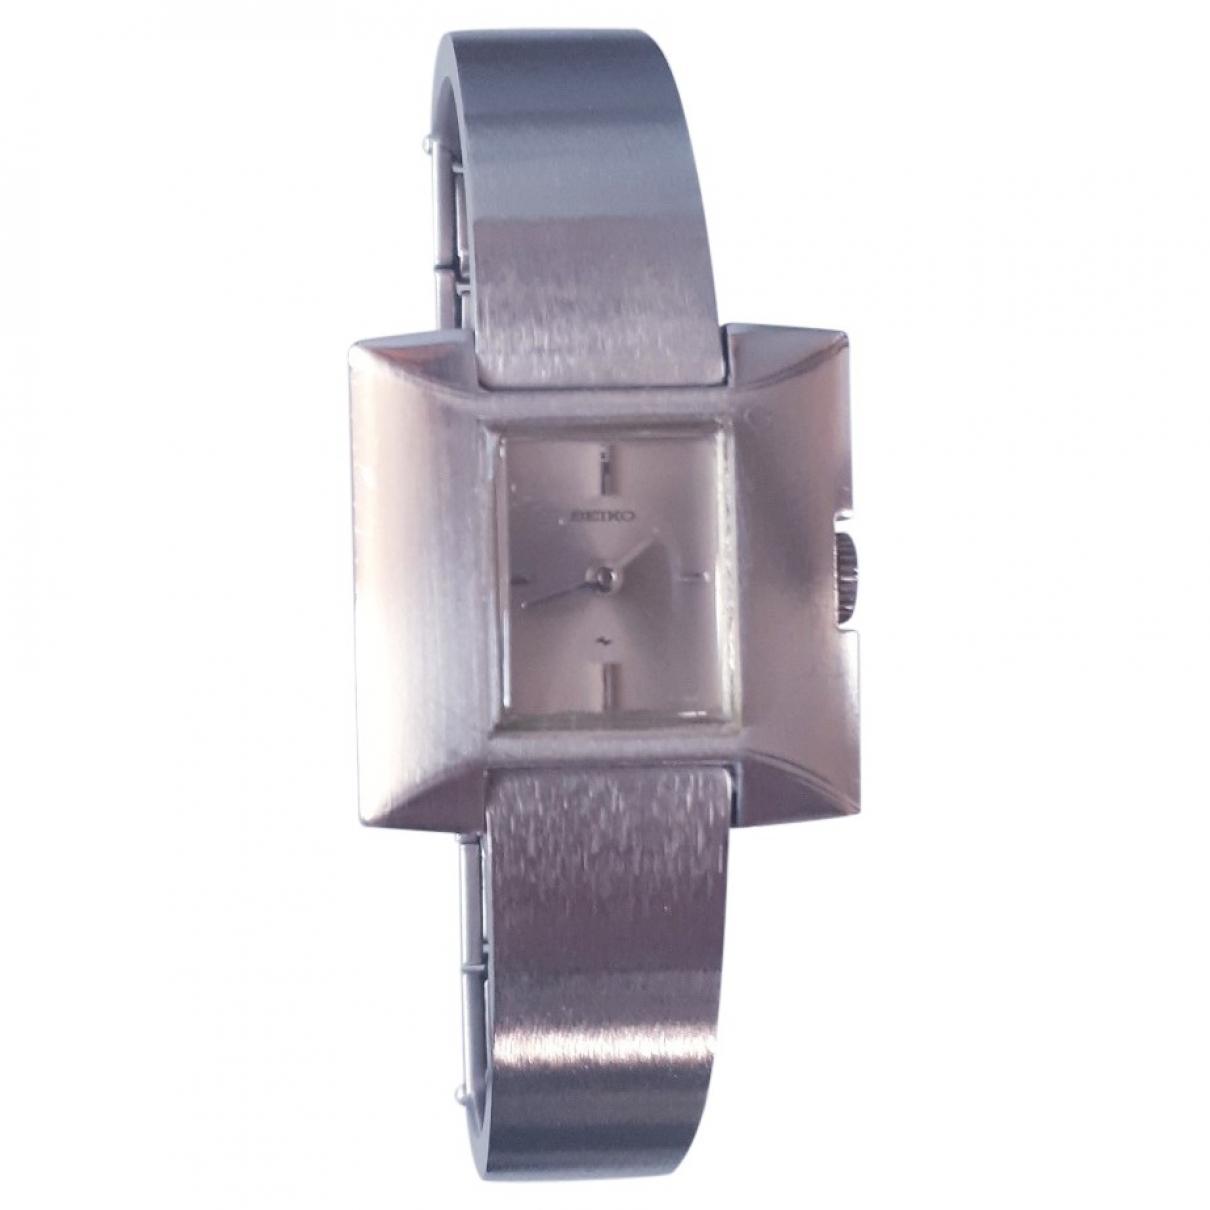 Seiko \N Silver Steel watch for Women \N